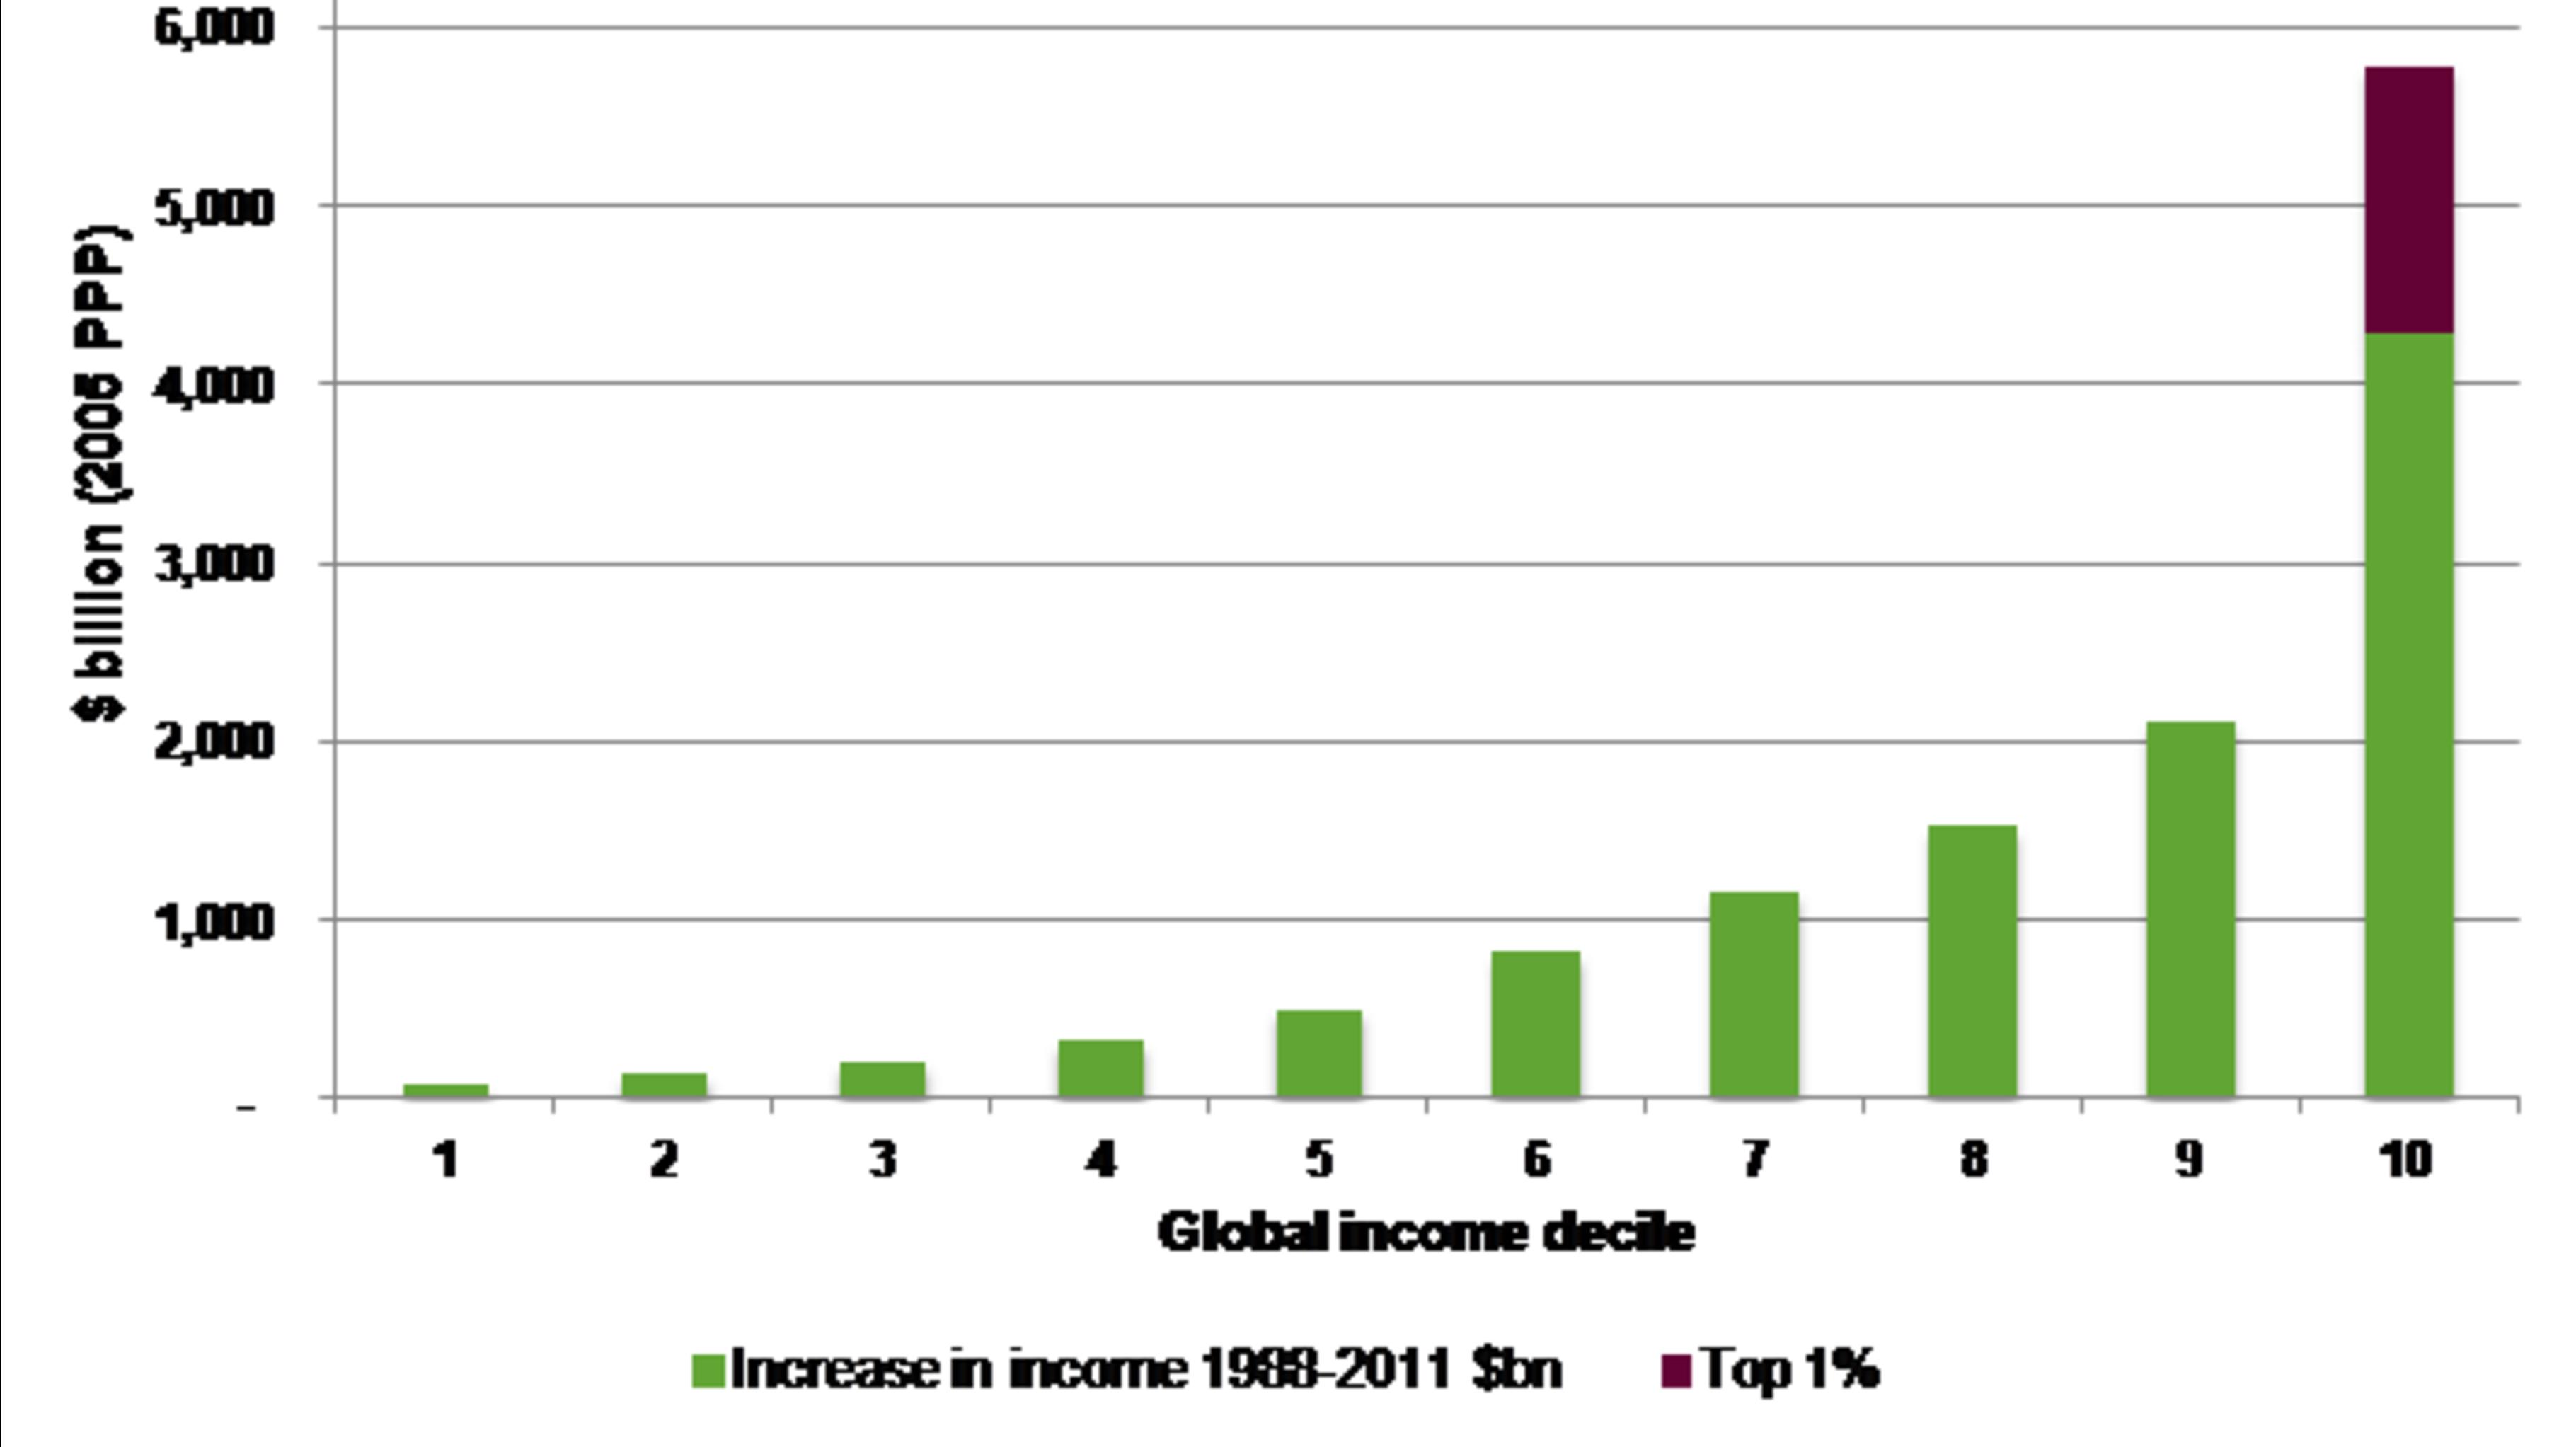 Grafik: Weltweiter Einkommenszuwachs für jedes Zehntel der Weltbevölkerung in der Zeit von 1988 bis 2011